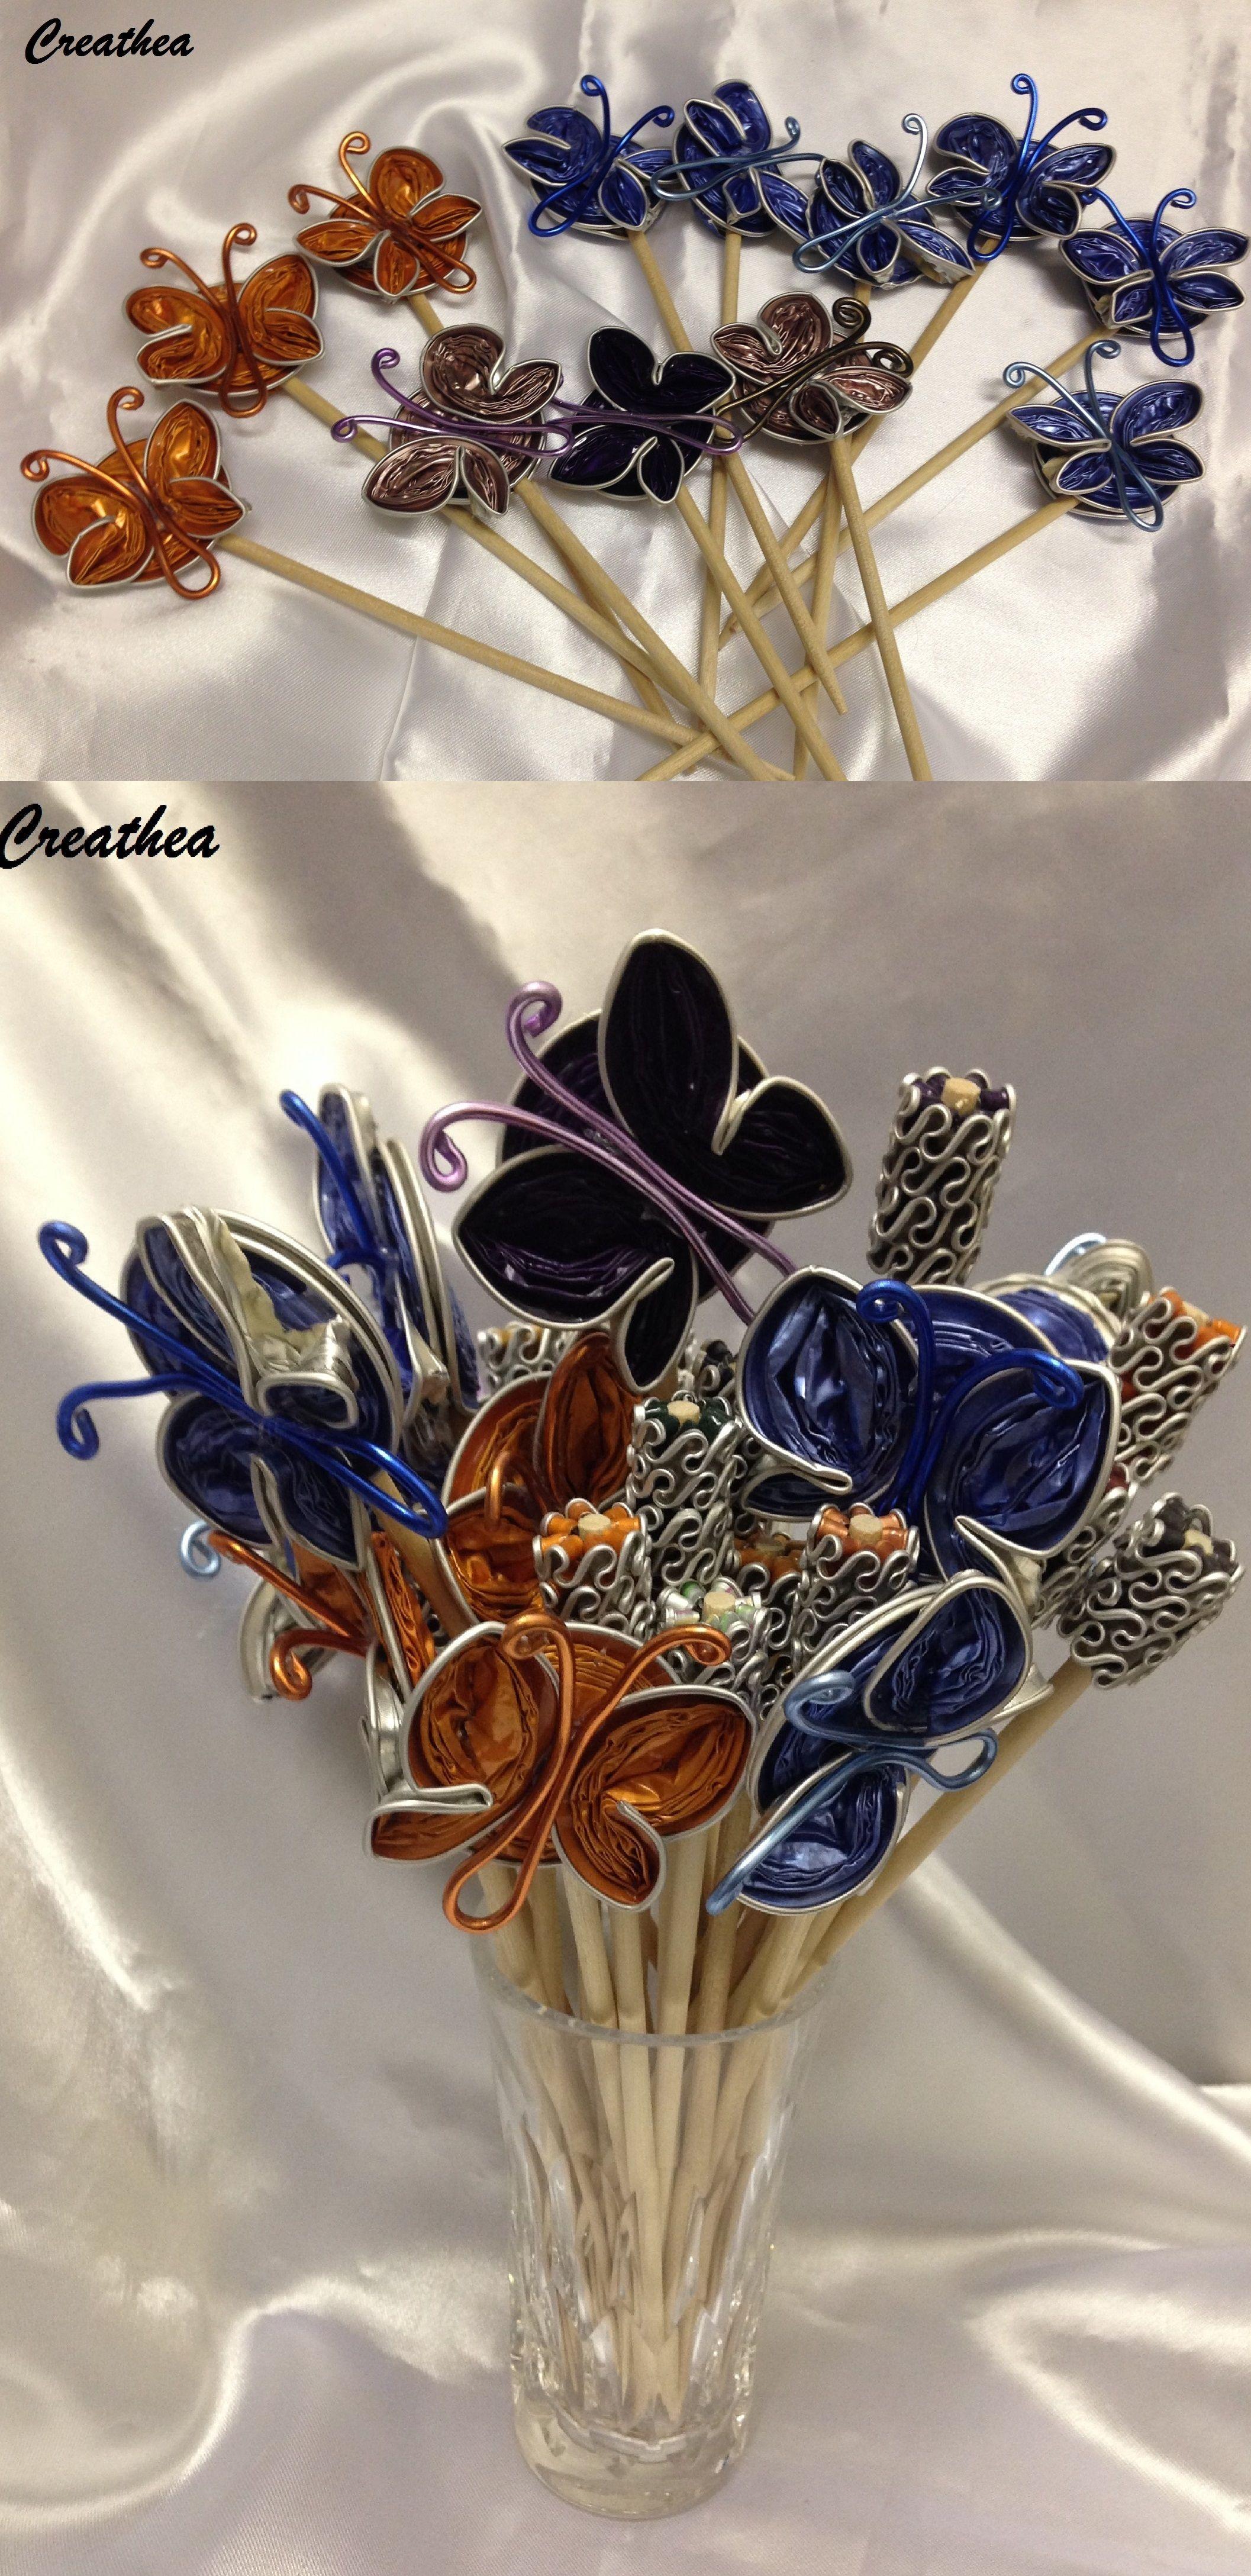 Nespresso farfalle per ornamento nespresso pinterest for Farfalle decorative per muri